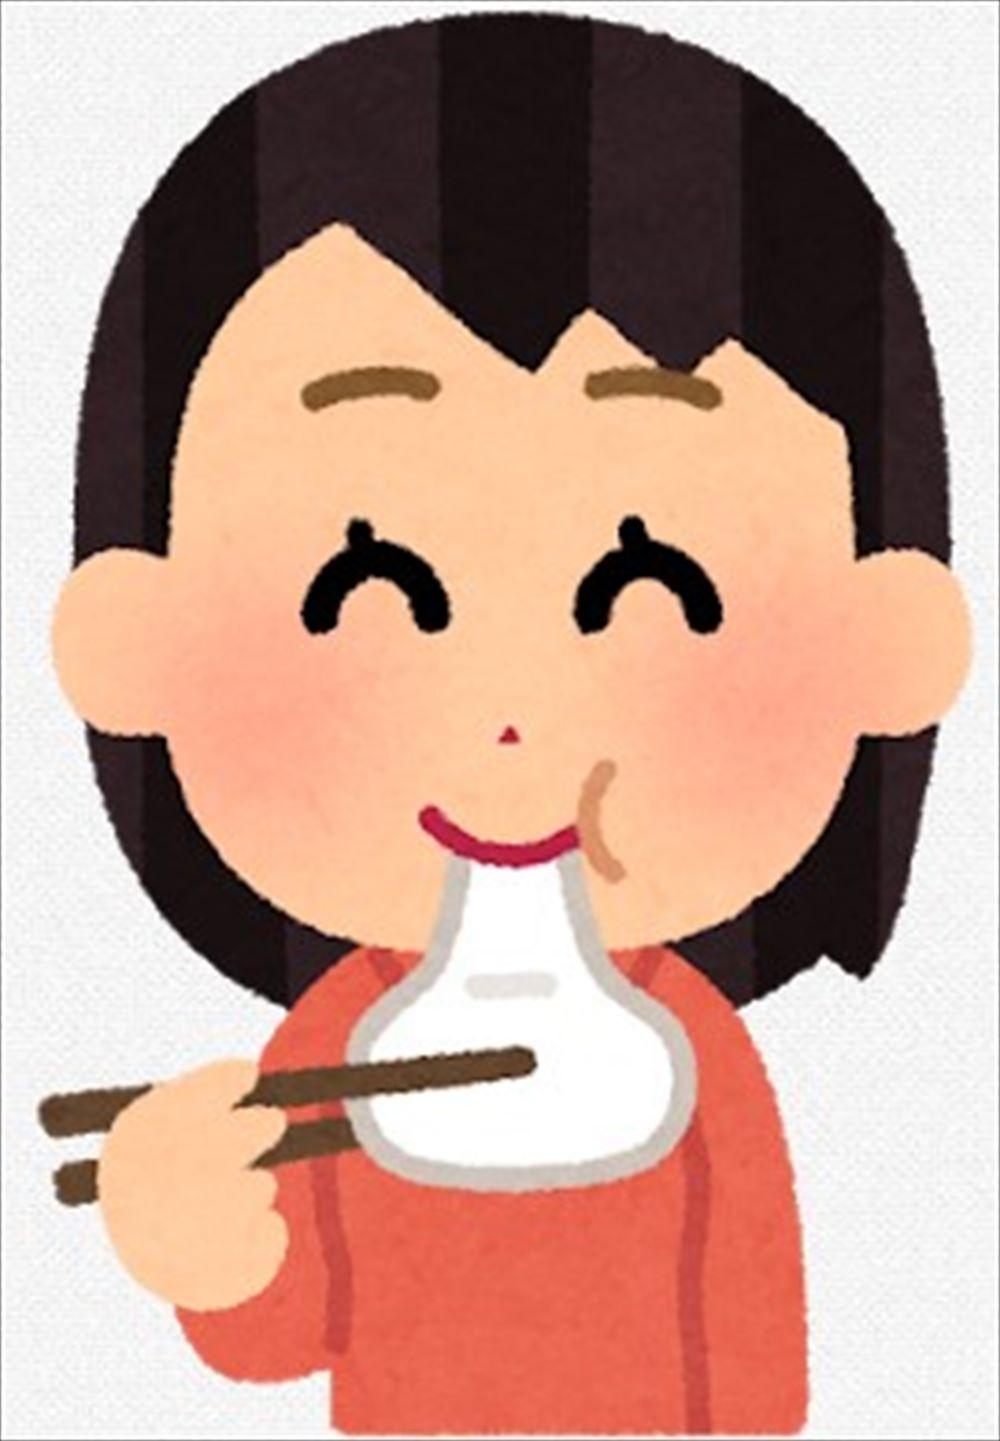 歯医者さんが教える!お正月に気をつけたい食べ物